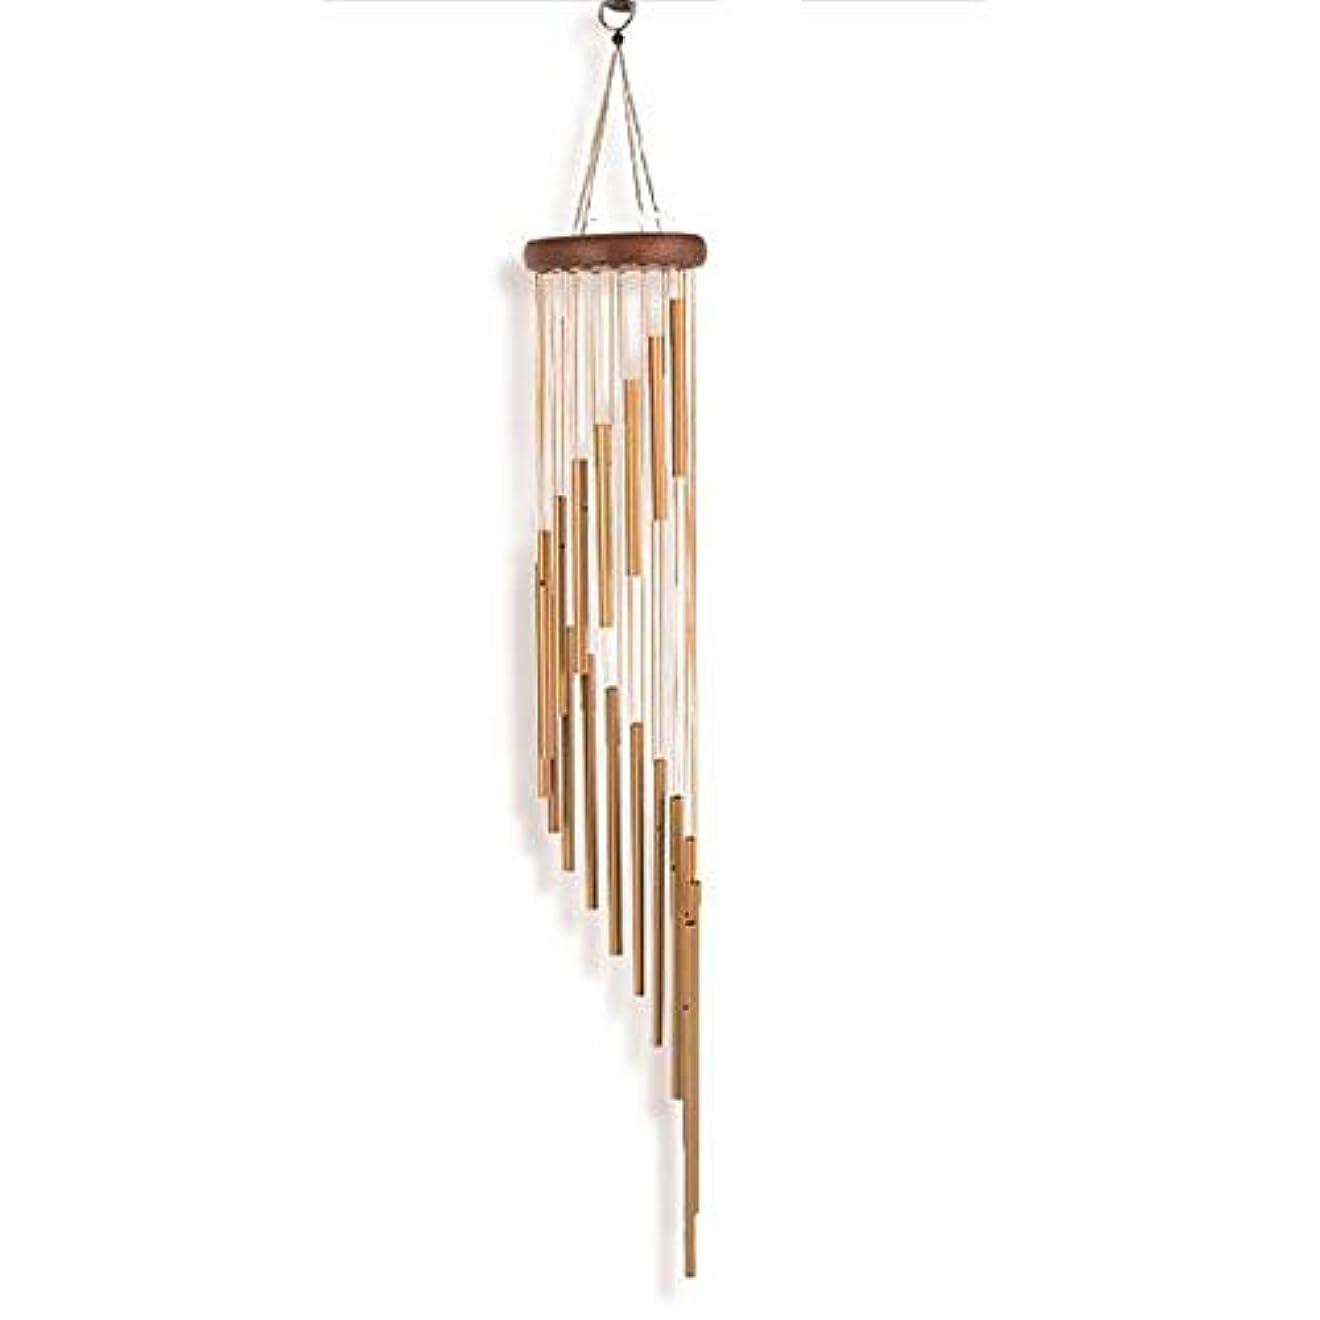 バックグラウンド微視的白菜Kaiyitong01 風チャイム、メタルクリエイティブ18チューブ風の鐘、ゴールド、全身について90CM,絶妙なファッション (Color : Gold)